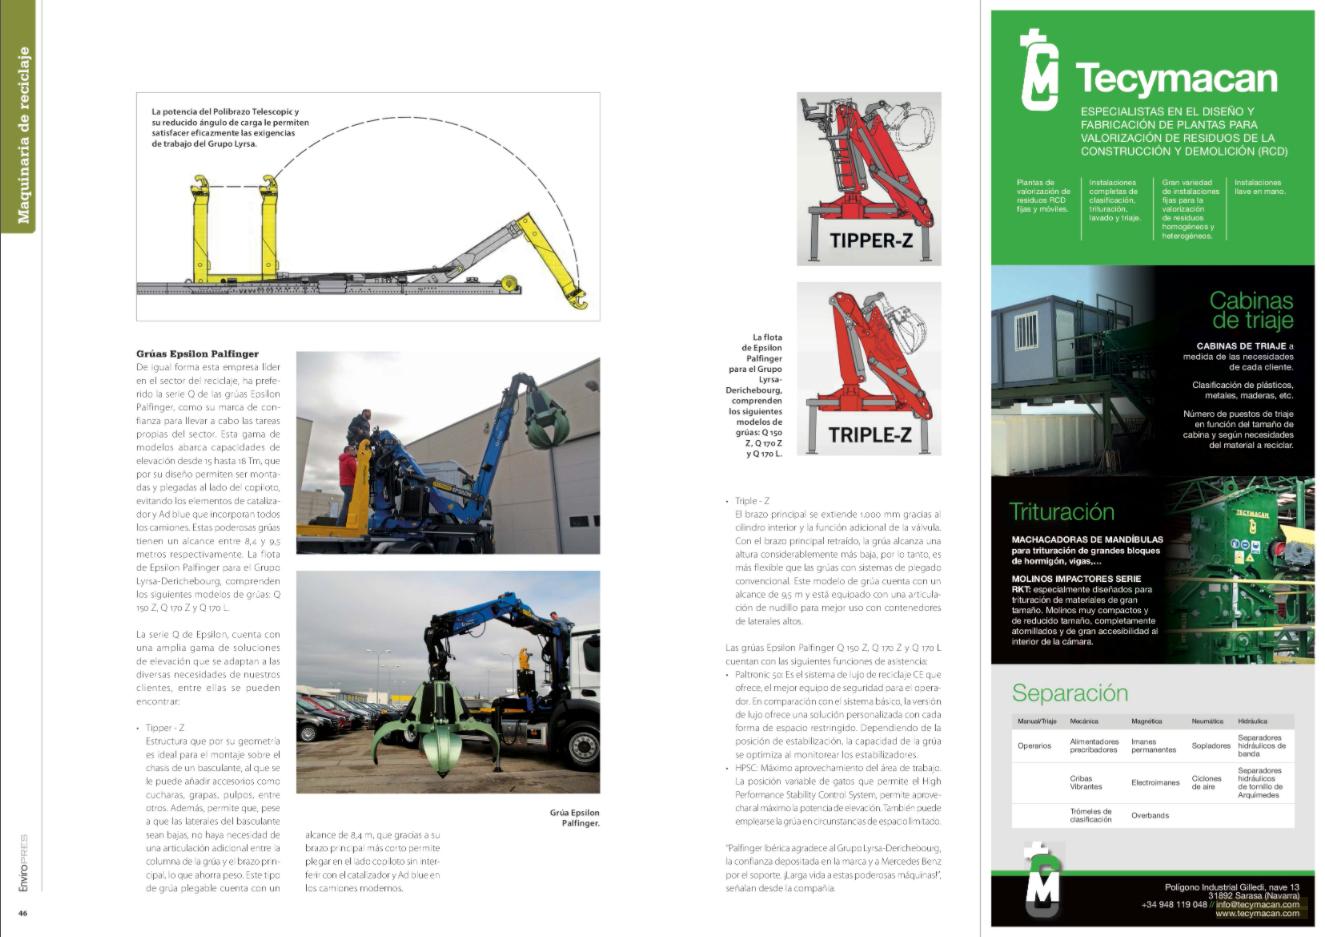 pagina-46-47-interempresas